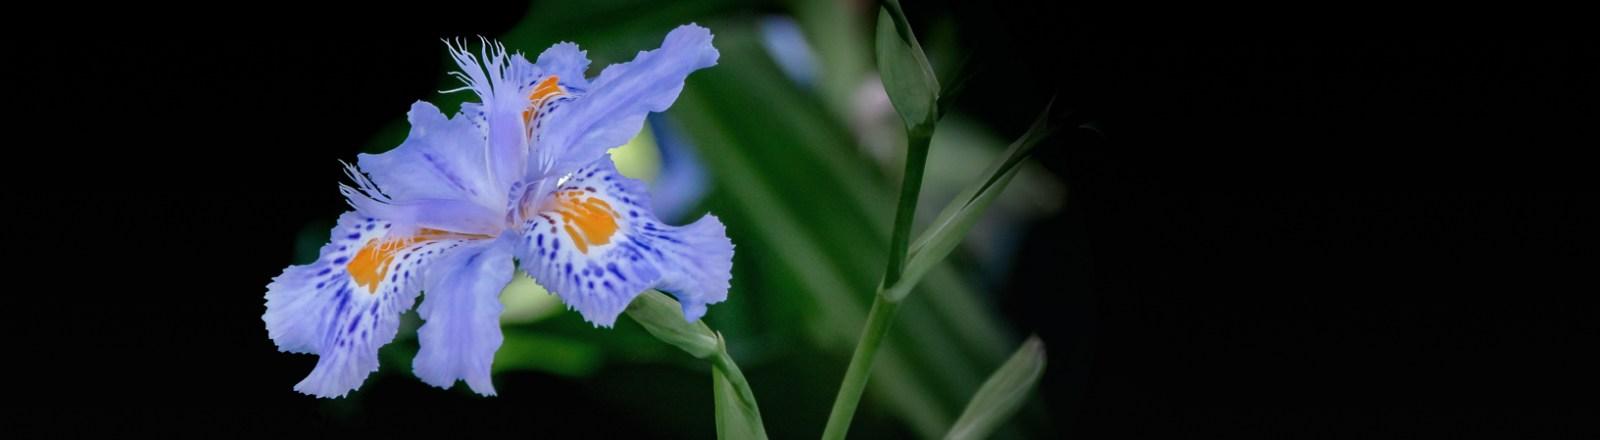 When an Iris is a Butterfly (Flower)